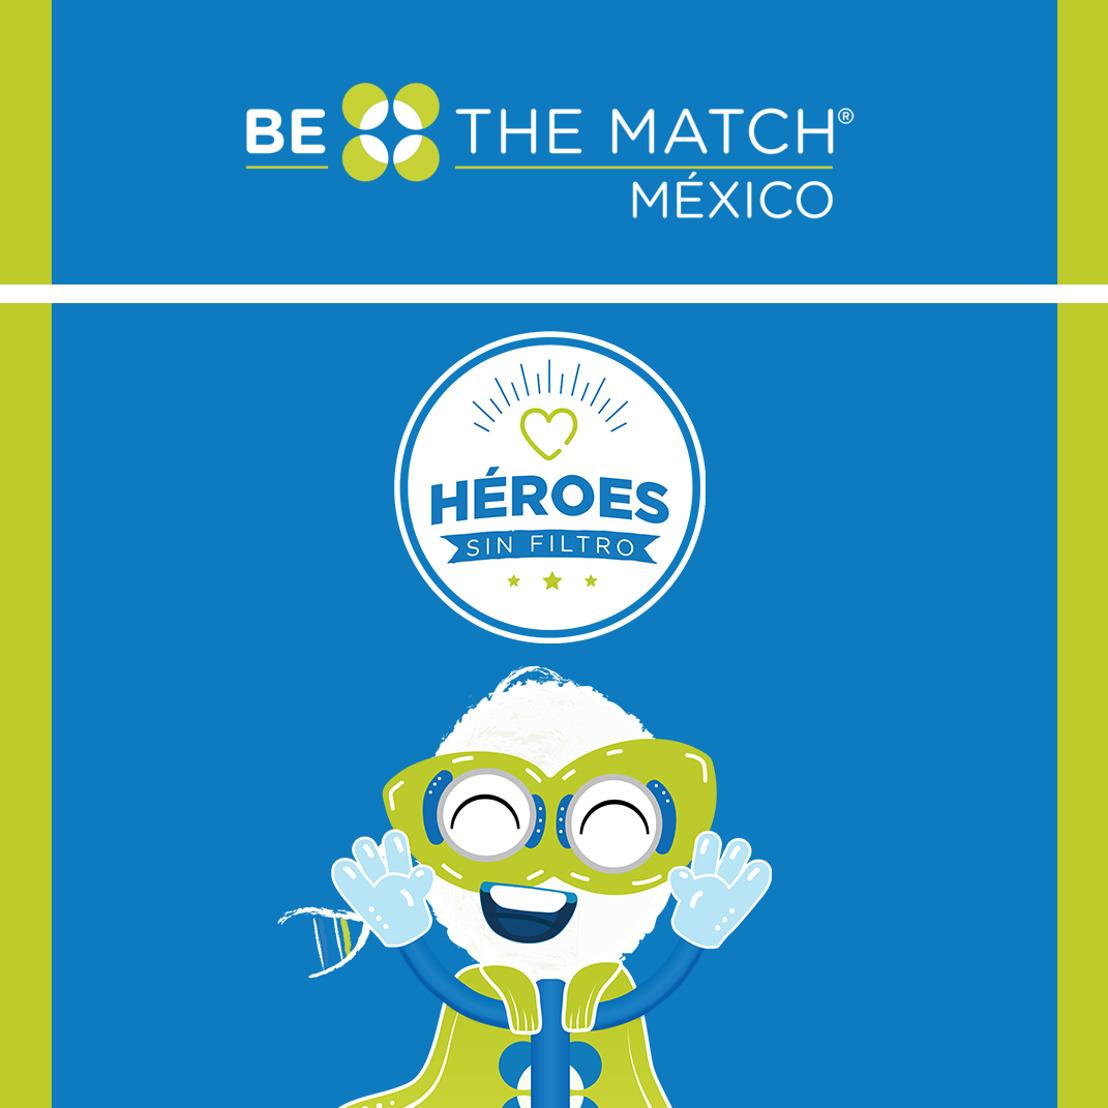 De vida o muerte, la donación de células madre necesita impulsarse en México